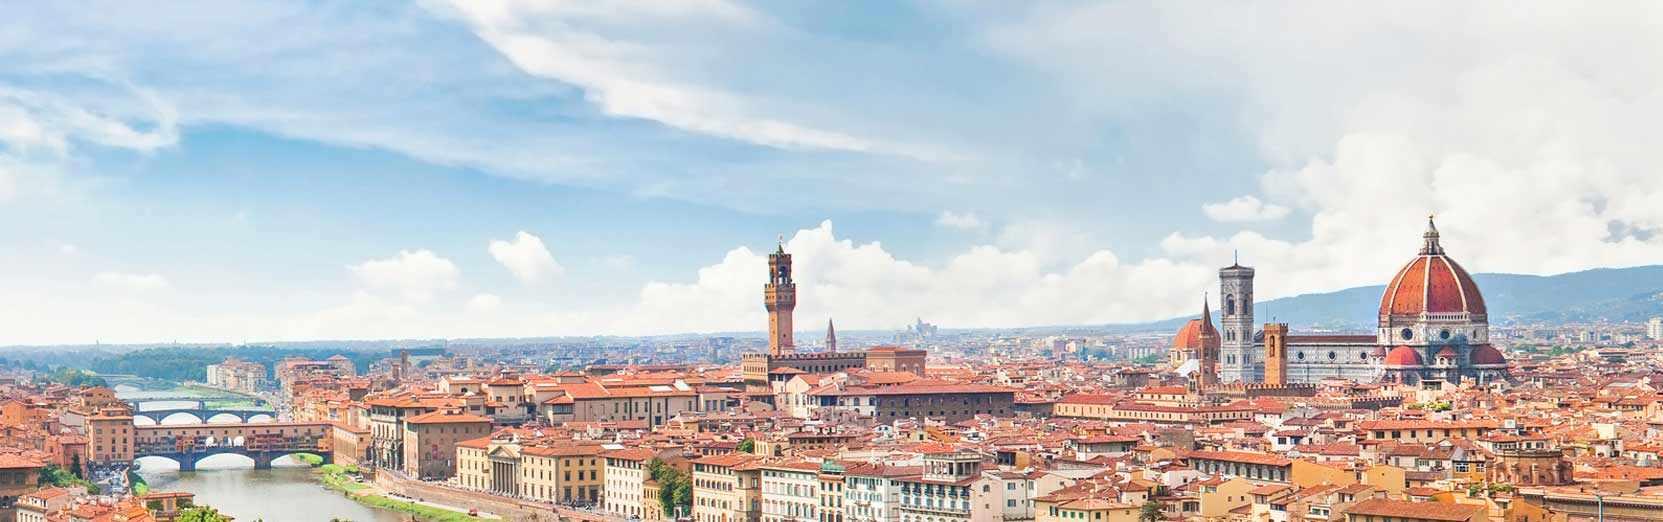 Auto mieten in Florenz